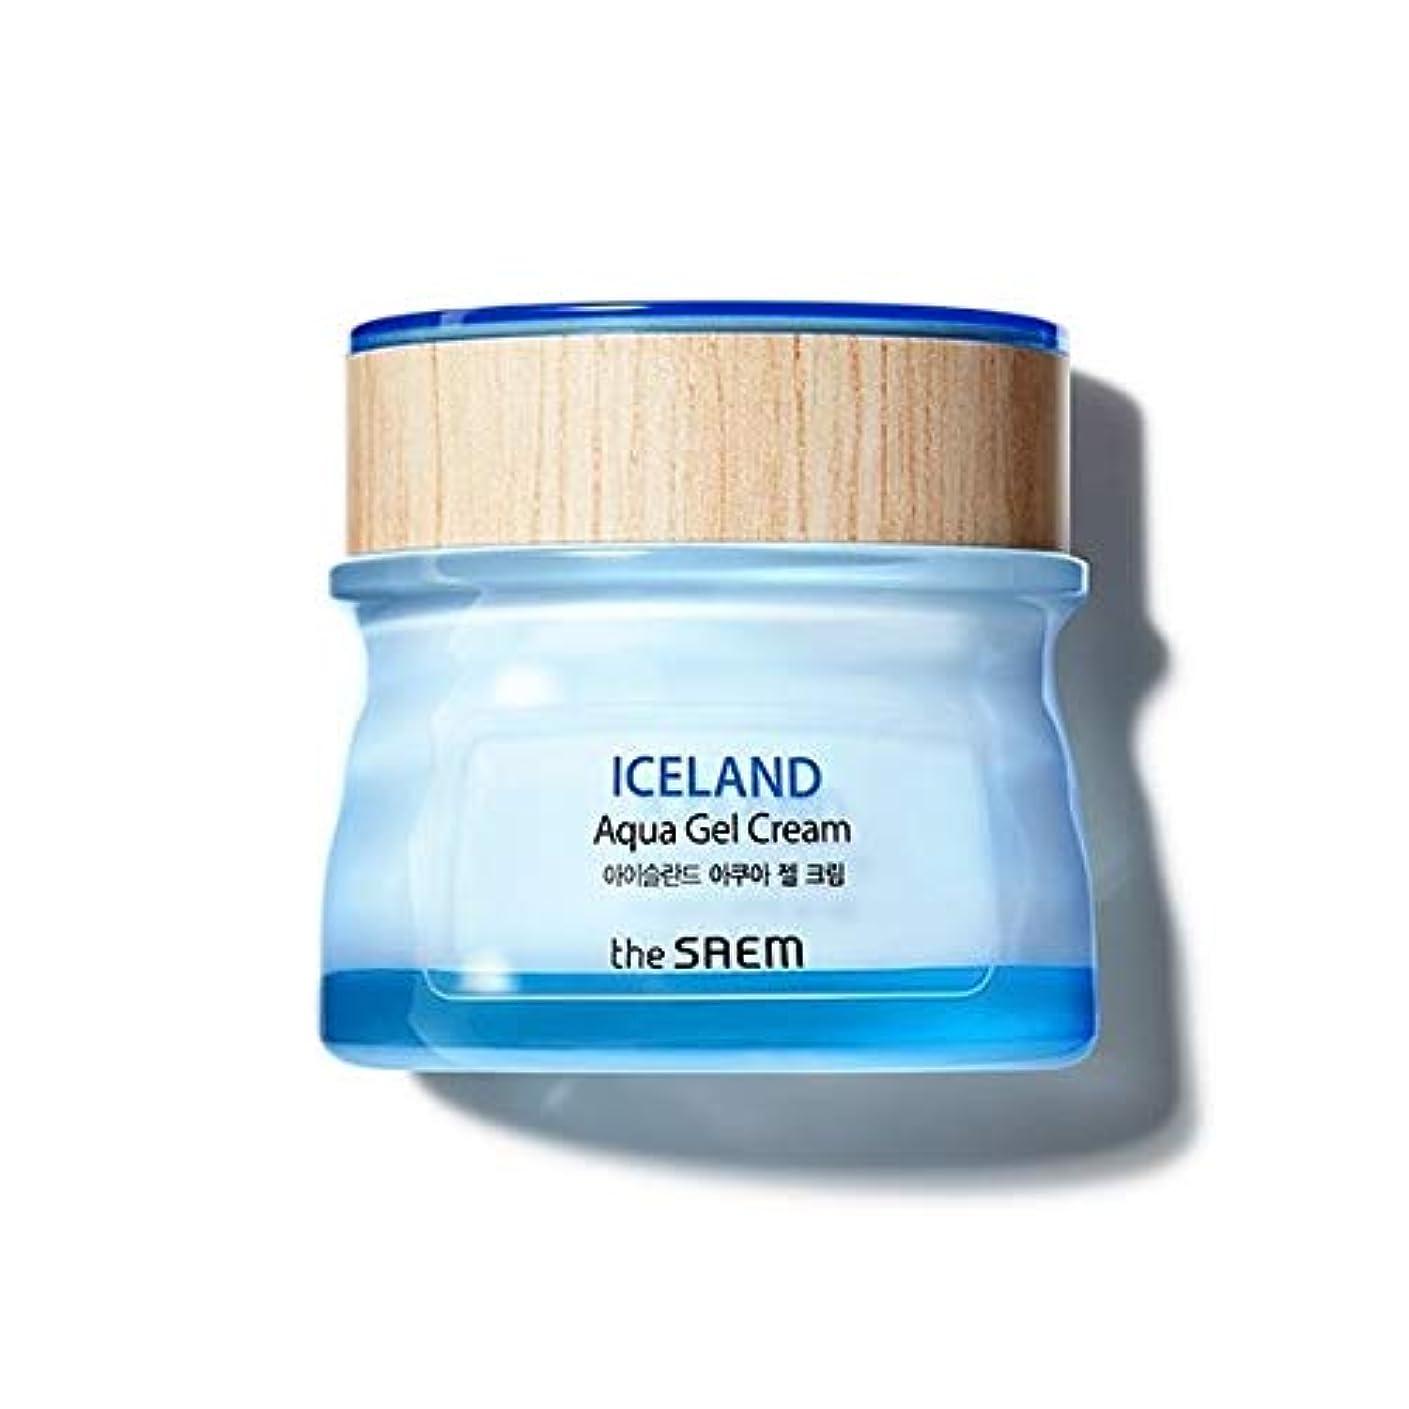 同行気候サーマルThe saem Iceland Aqua Gel Cream ザセム アイスランド アクア ジェル クリーム 60ml [並行輸入品]